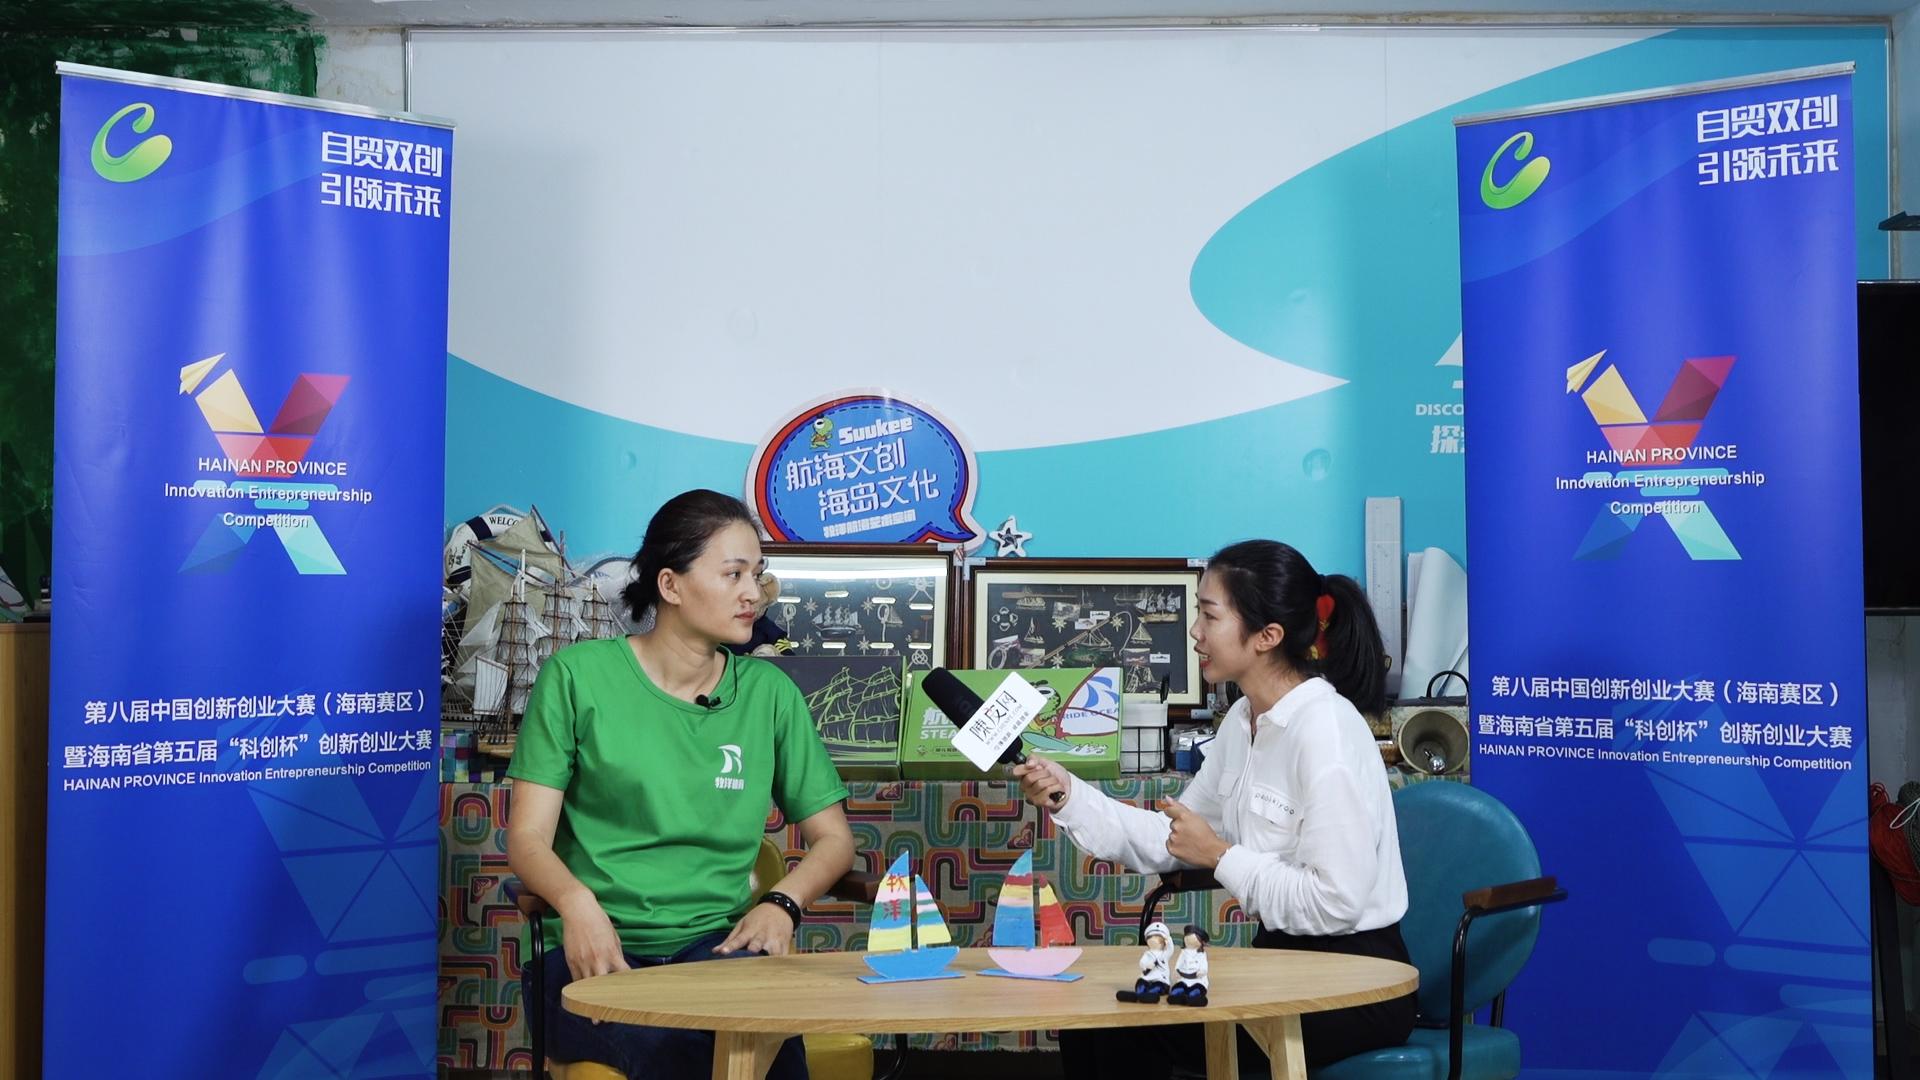 创业进行时|牧洋文化:科创杯能让更多人接触海岛文化